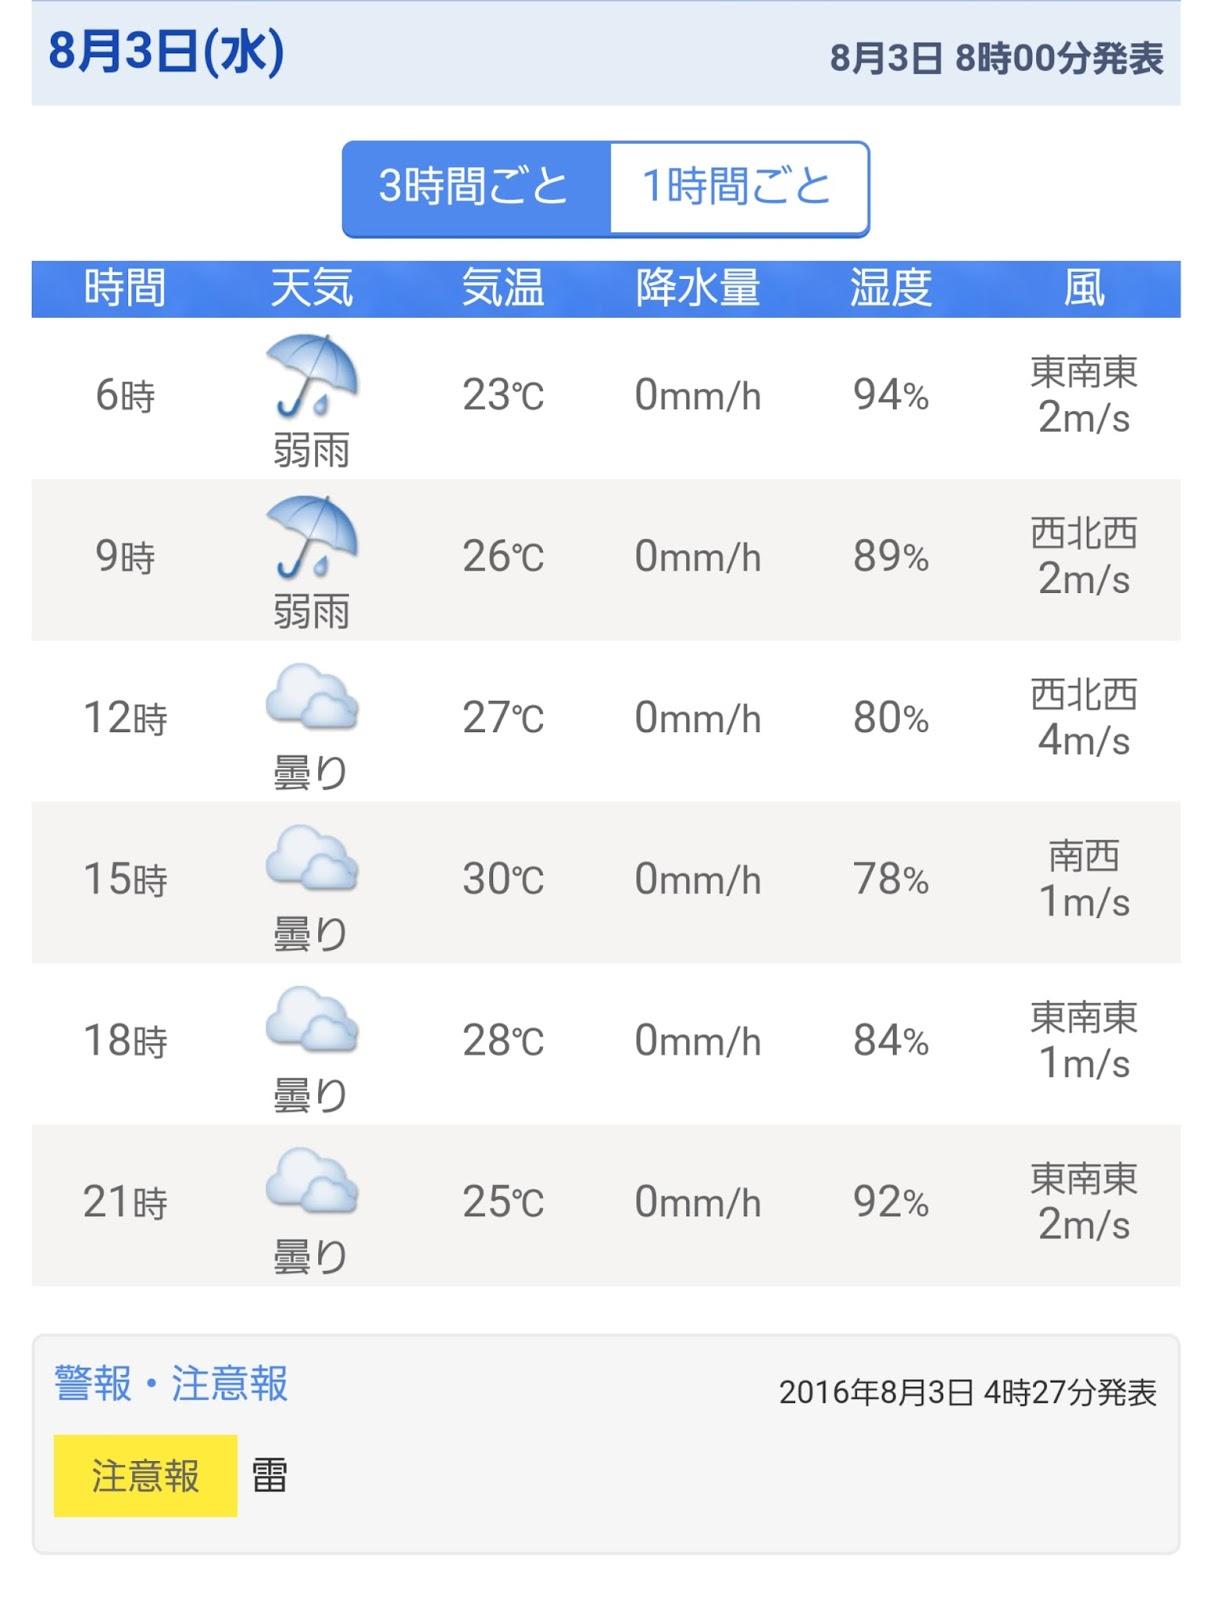 静岡 今日 の 天気